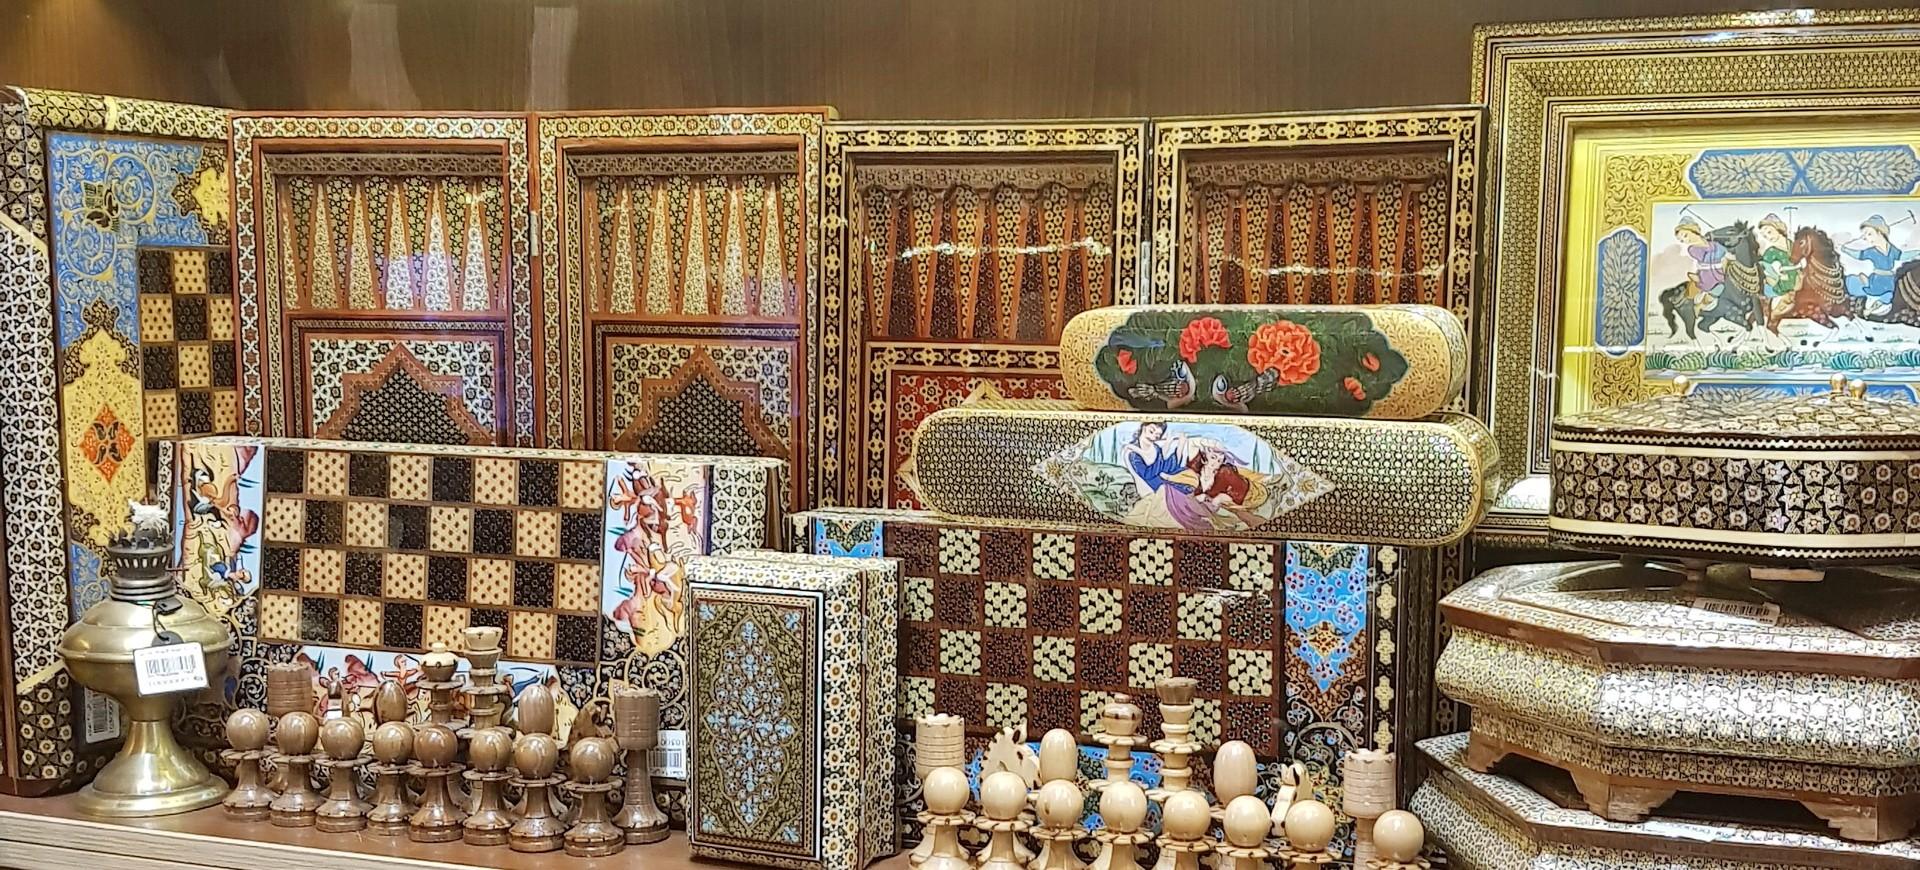 Artisanat dans un bazar à Téhéran en Iran